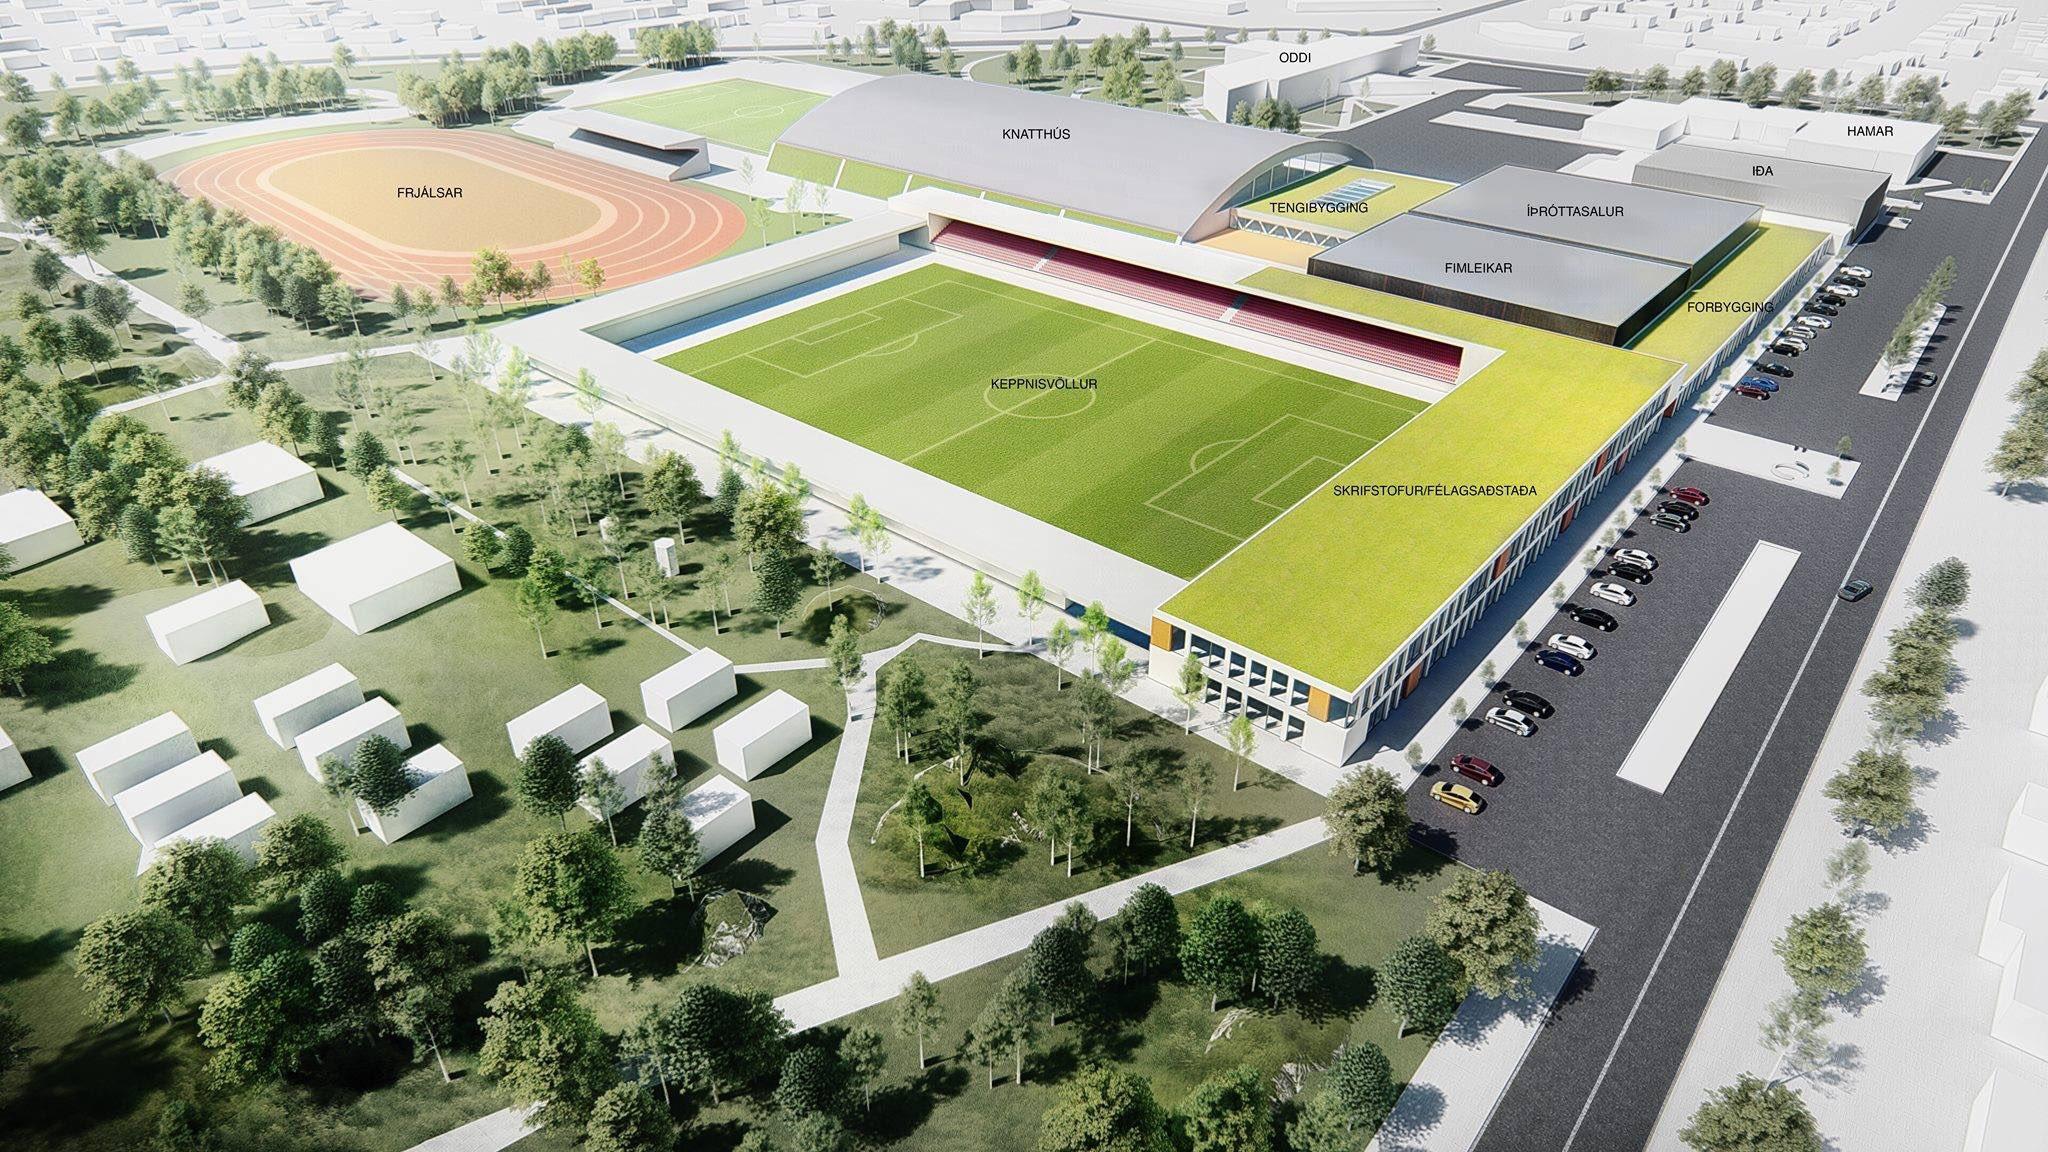 Selfoss sports complex